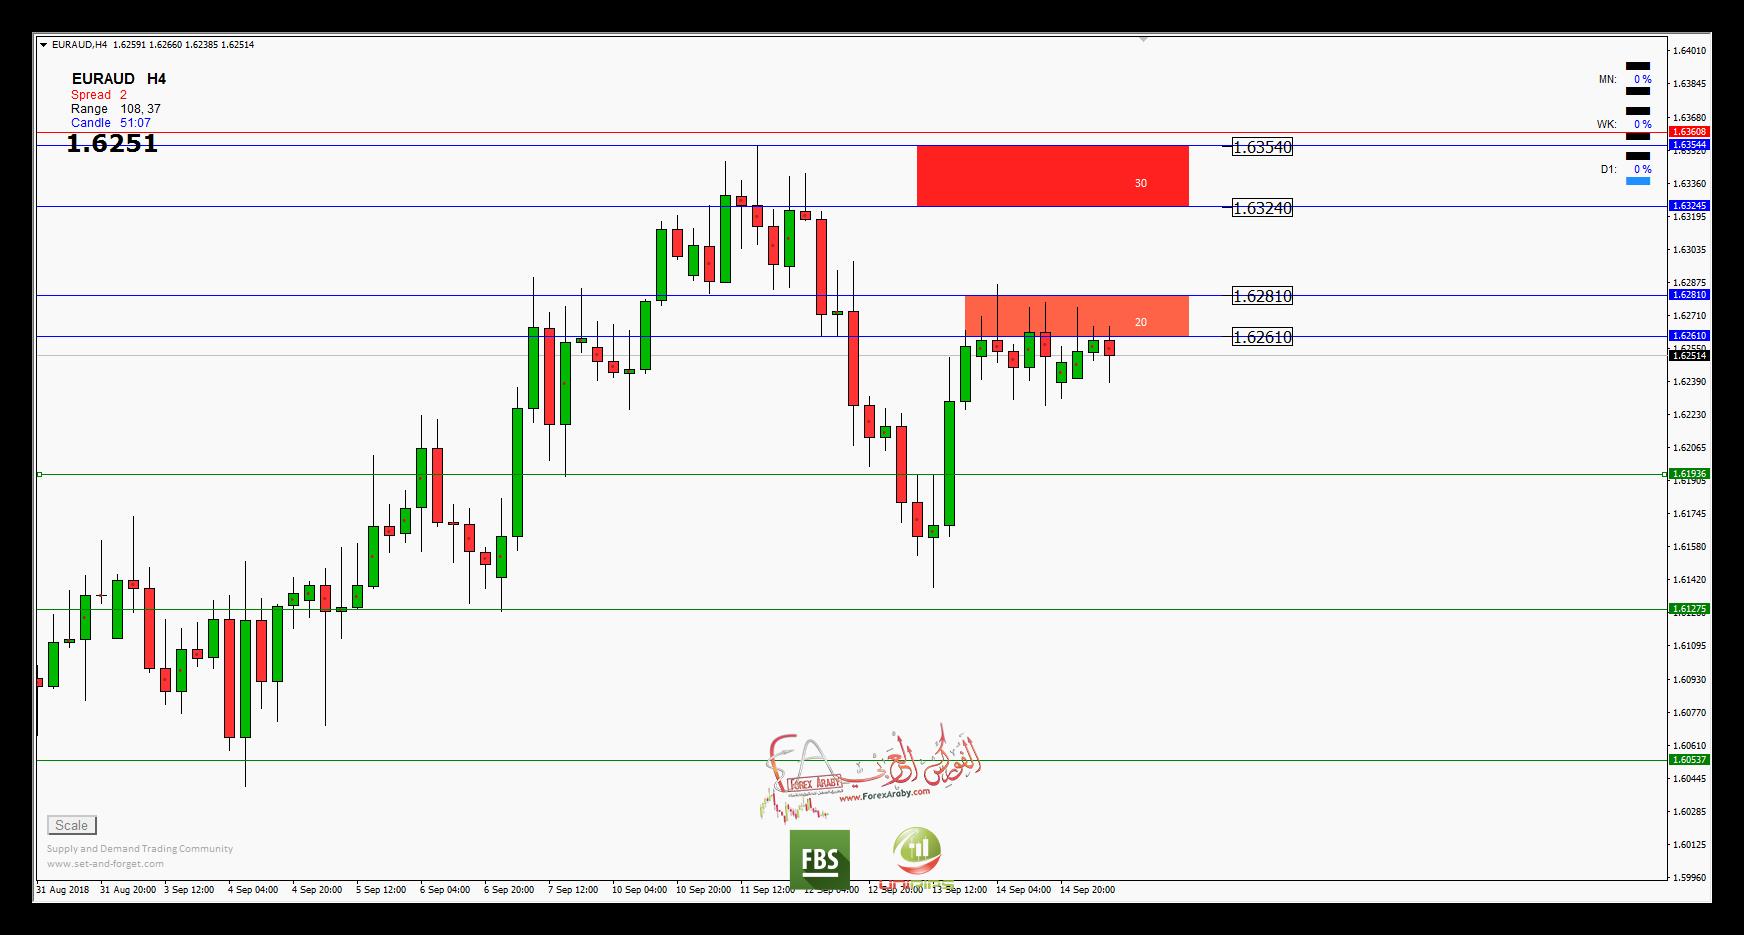 مستويات البيع لزوج اليورو استرالي